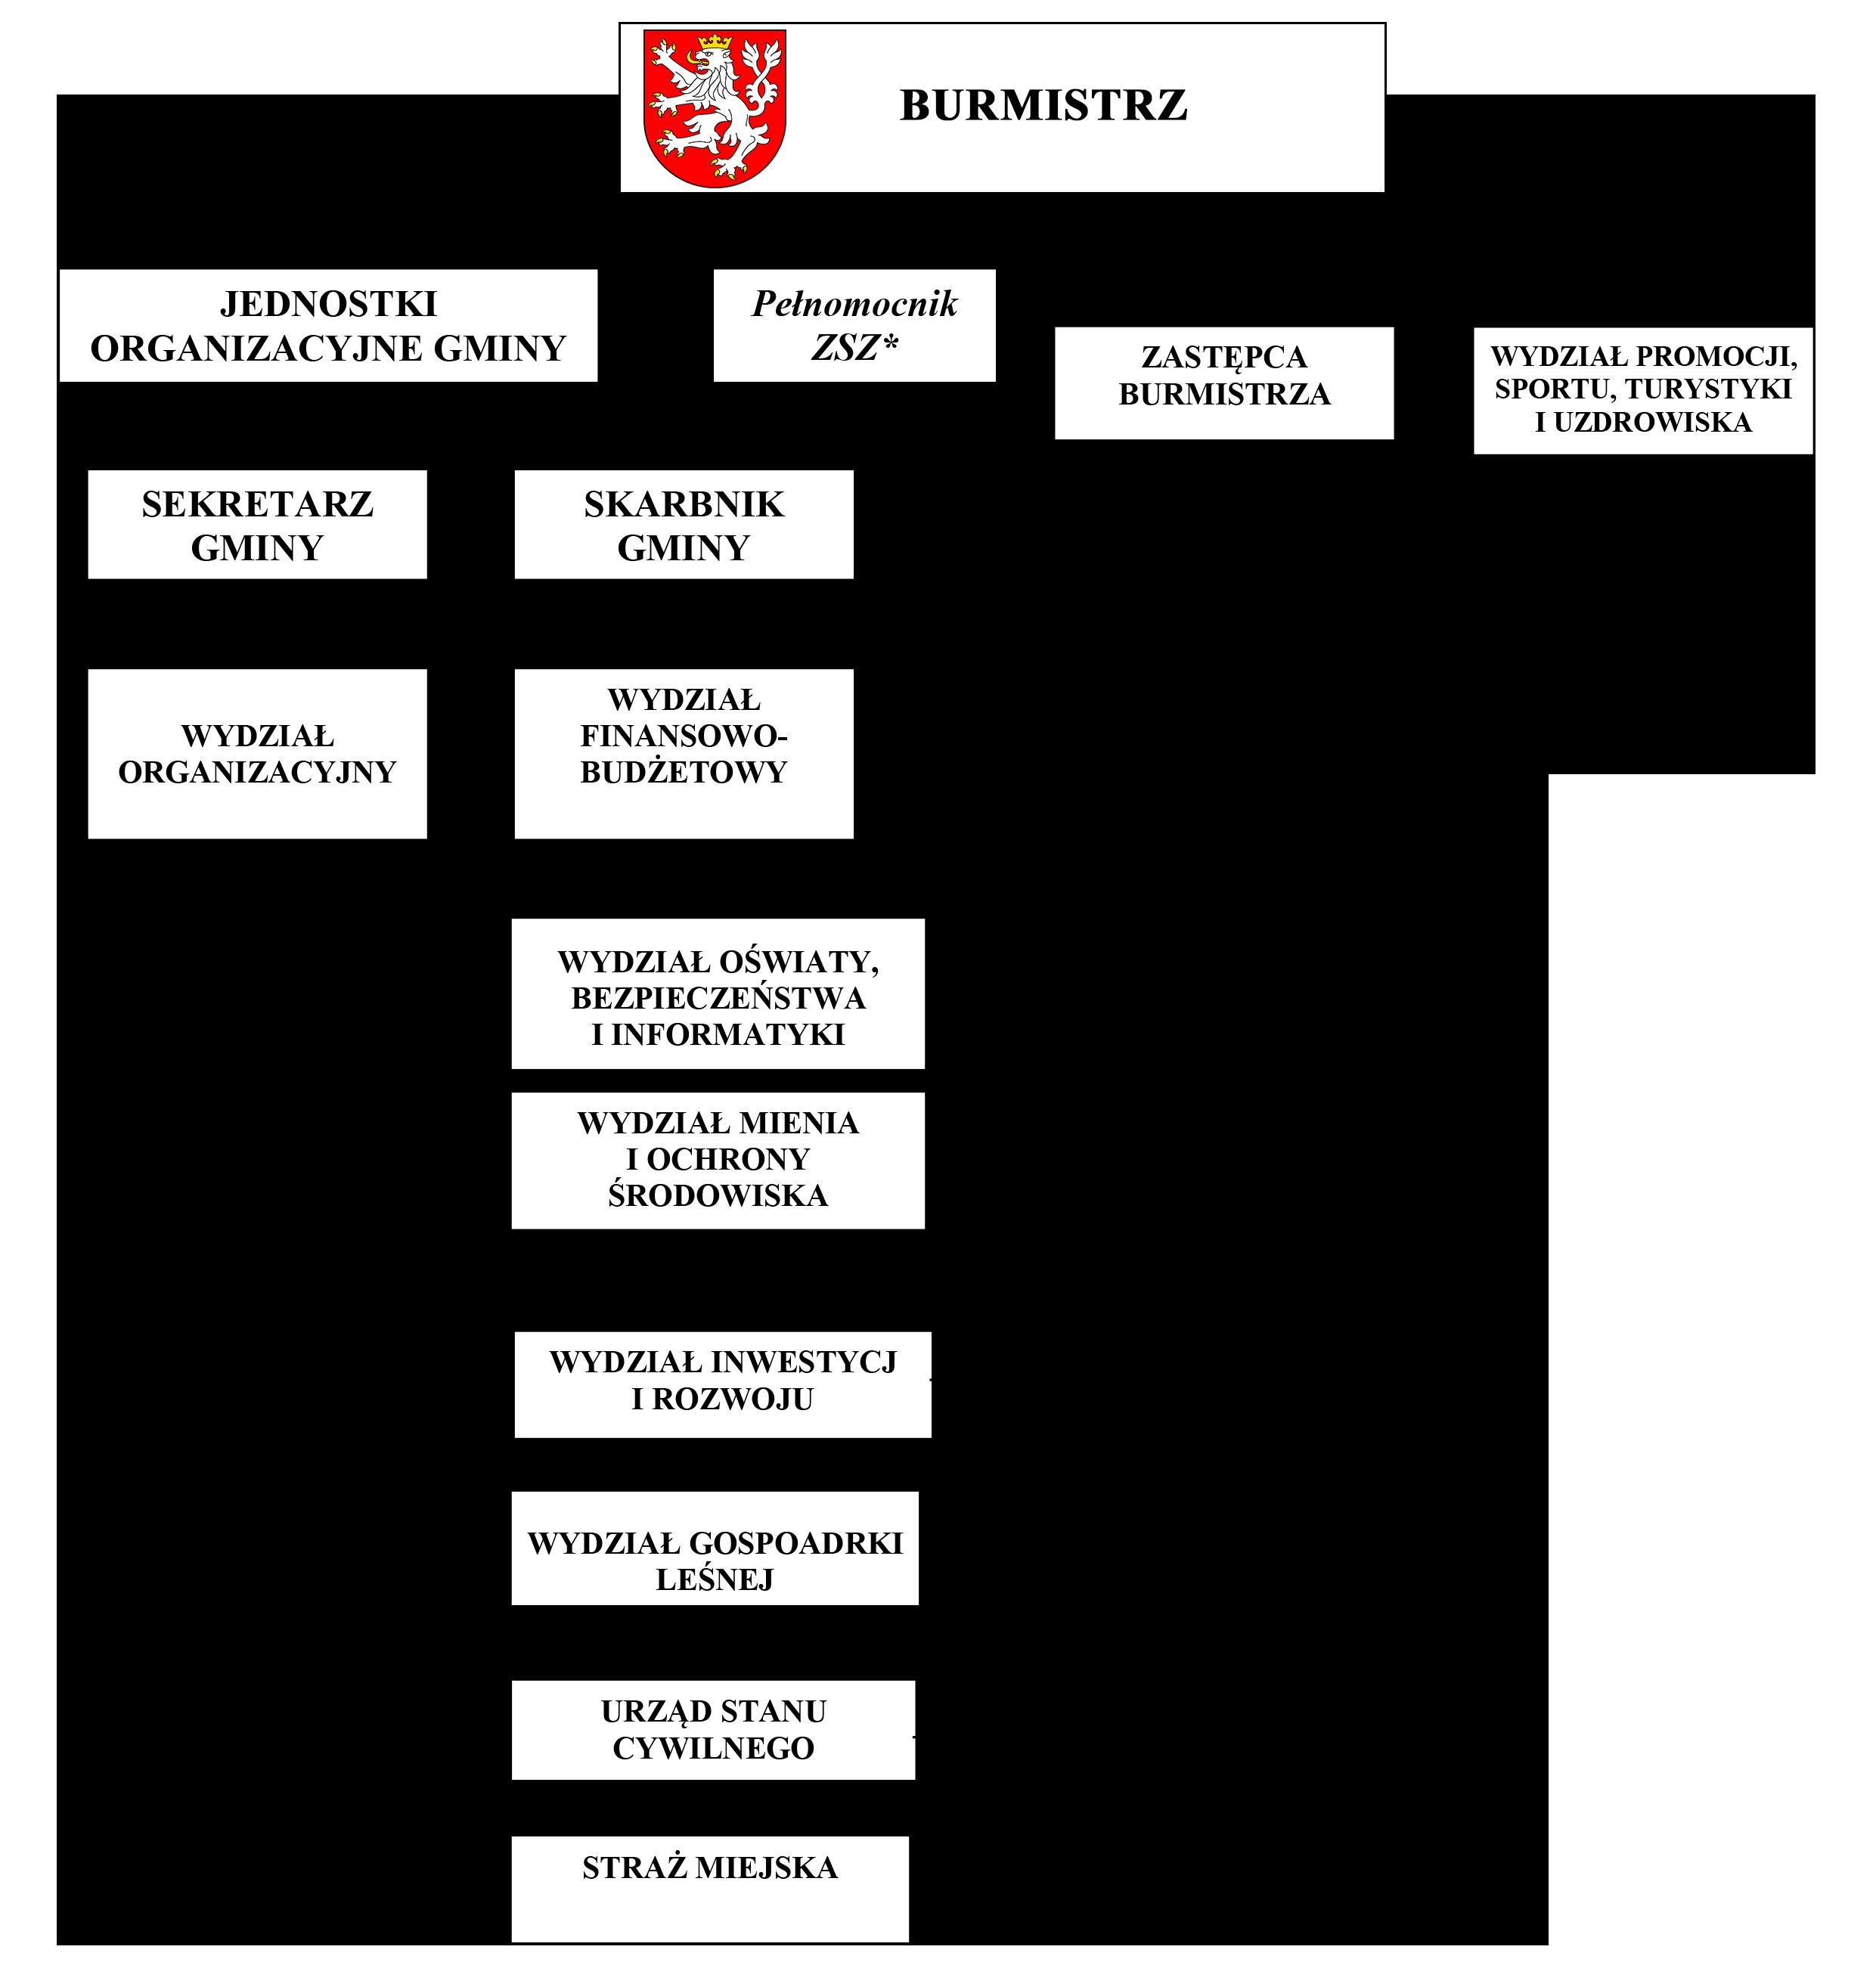 struktura organizacyjna 2017